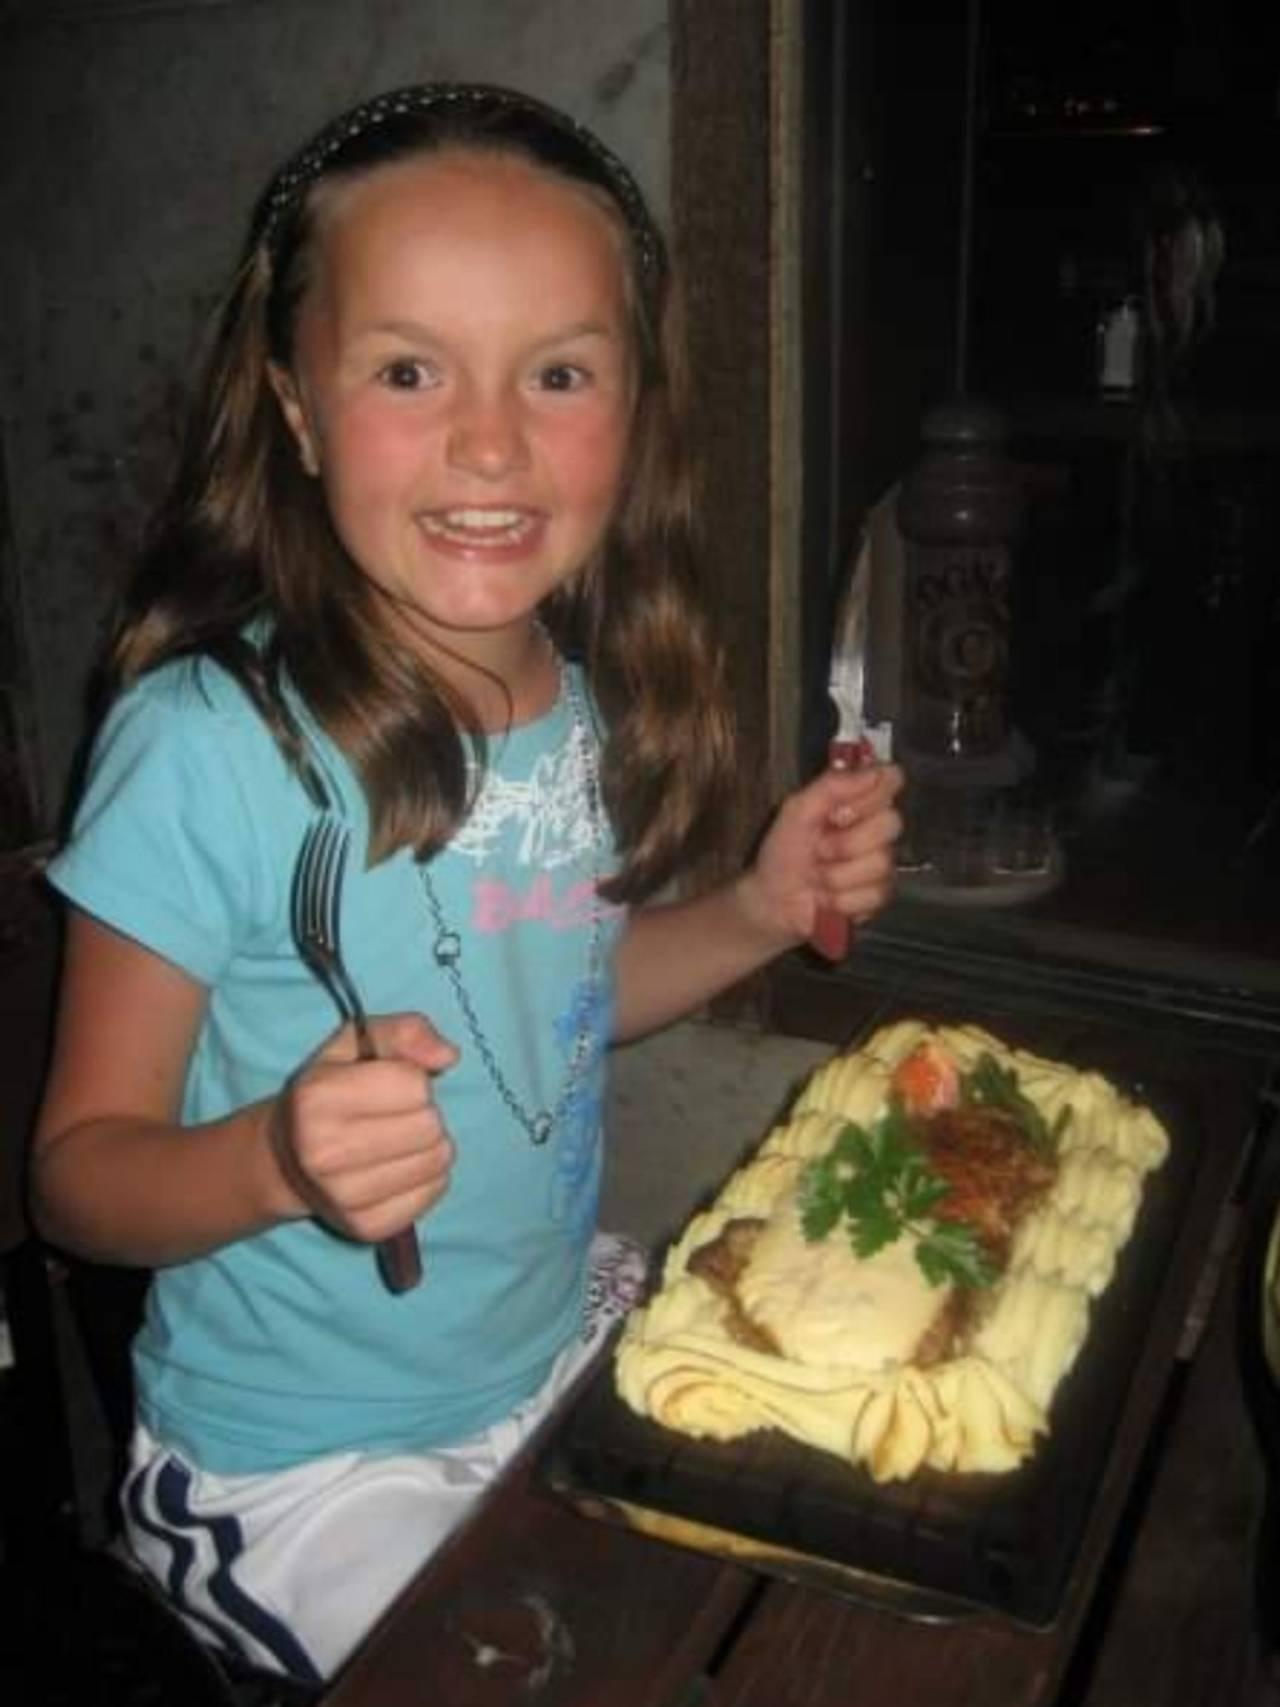 Andrine sitter på restaurant gliser til kamera og holder kniv og gaffel opp i lufta.